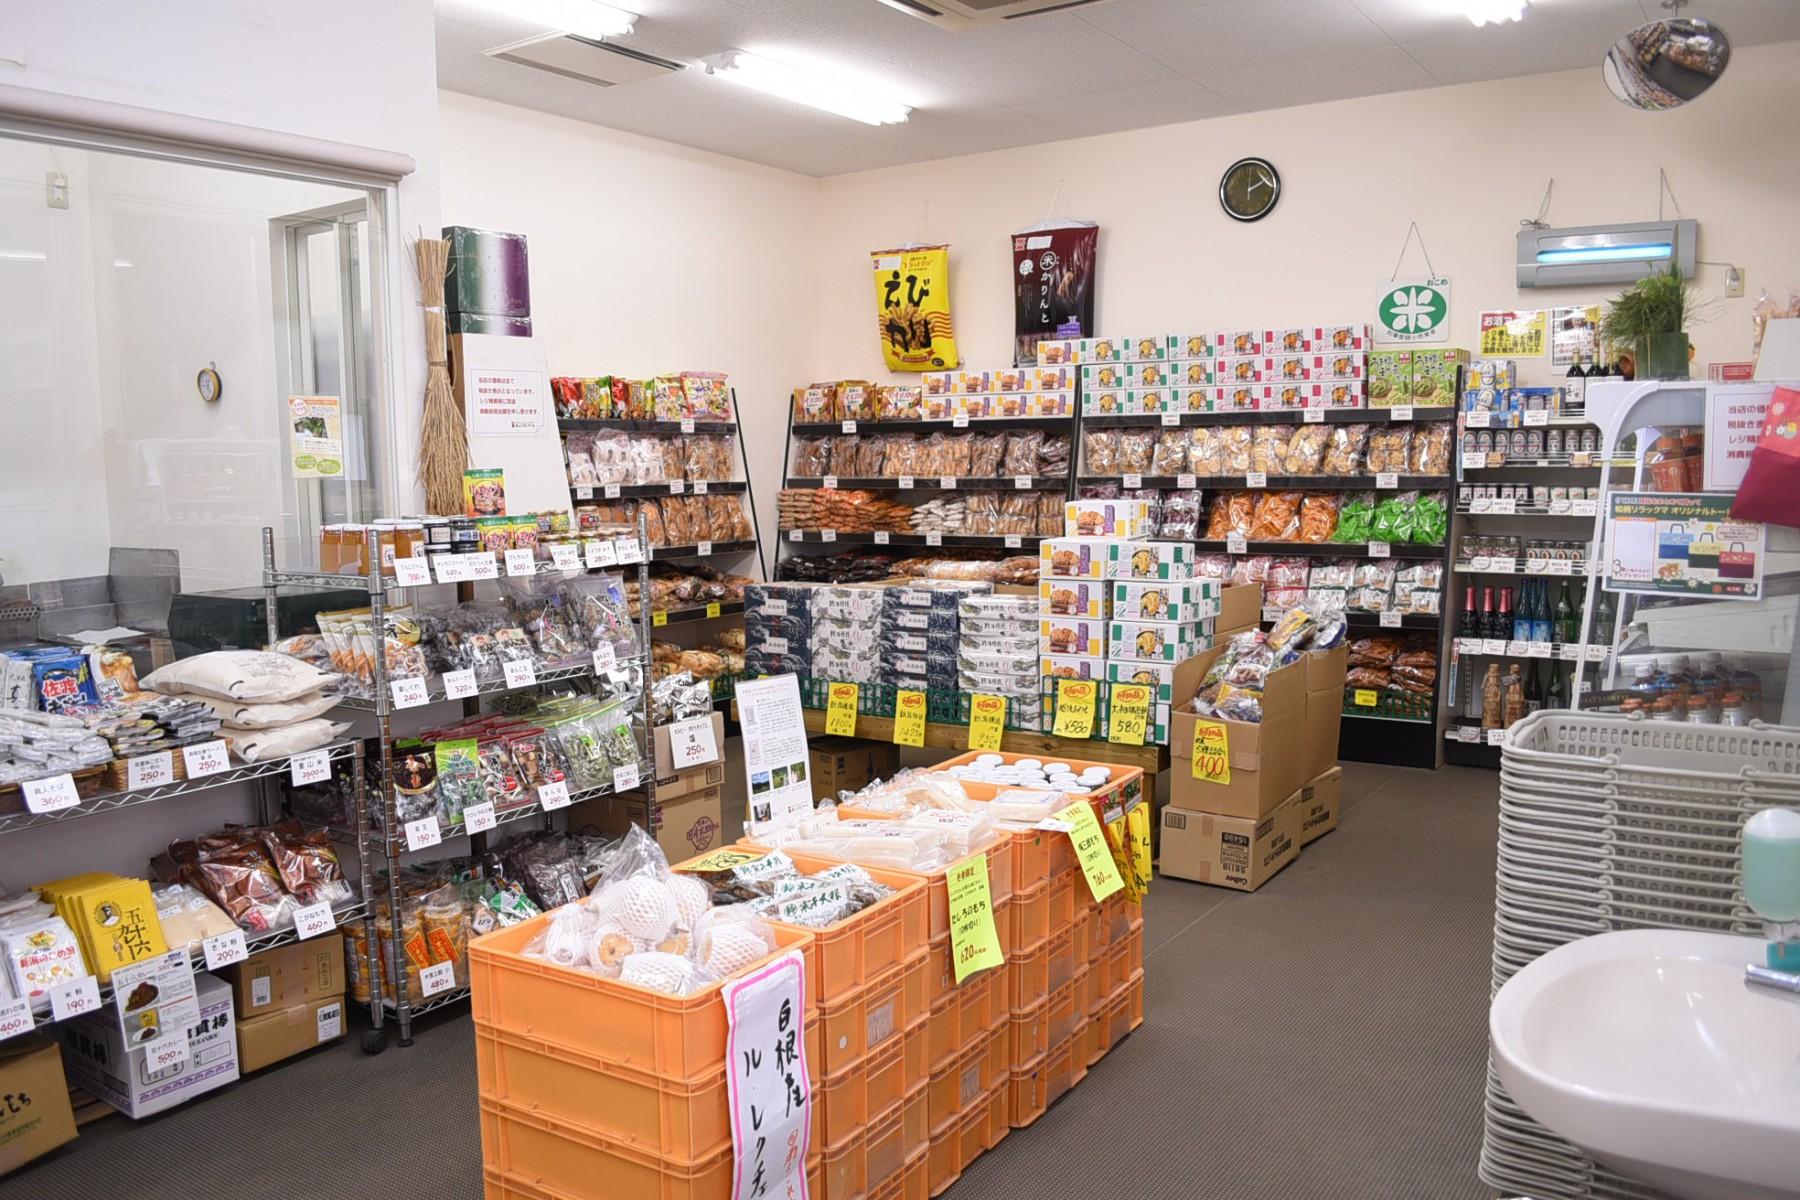 せんべい以外にも、長岡産加工食品や野菜も販売しています。